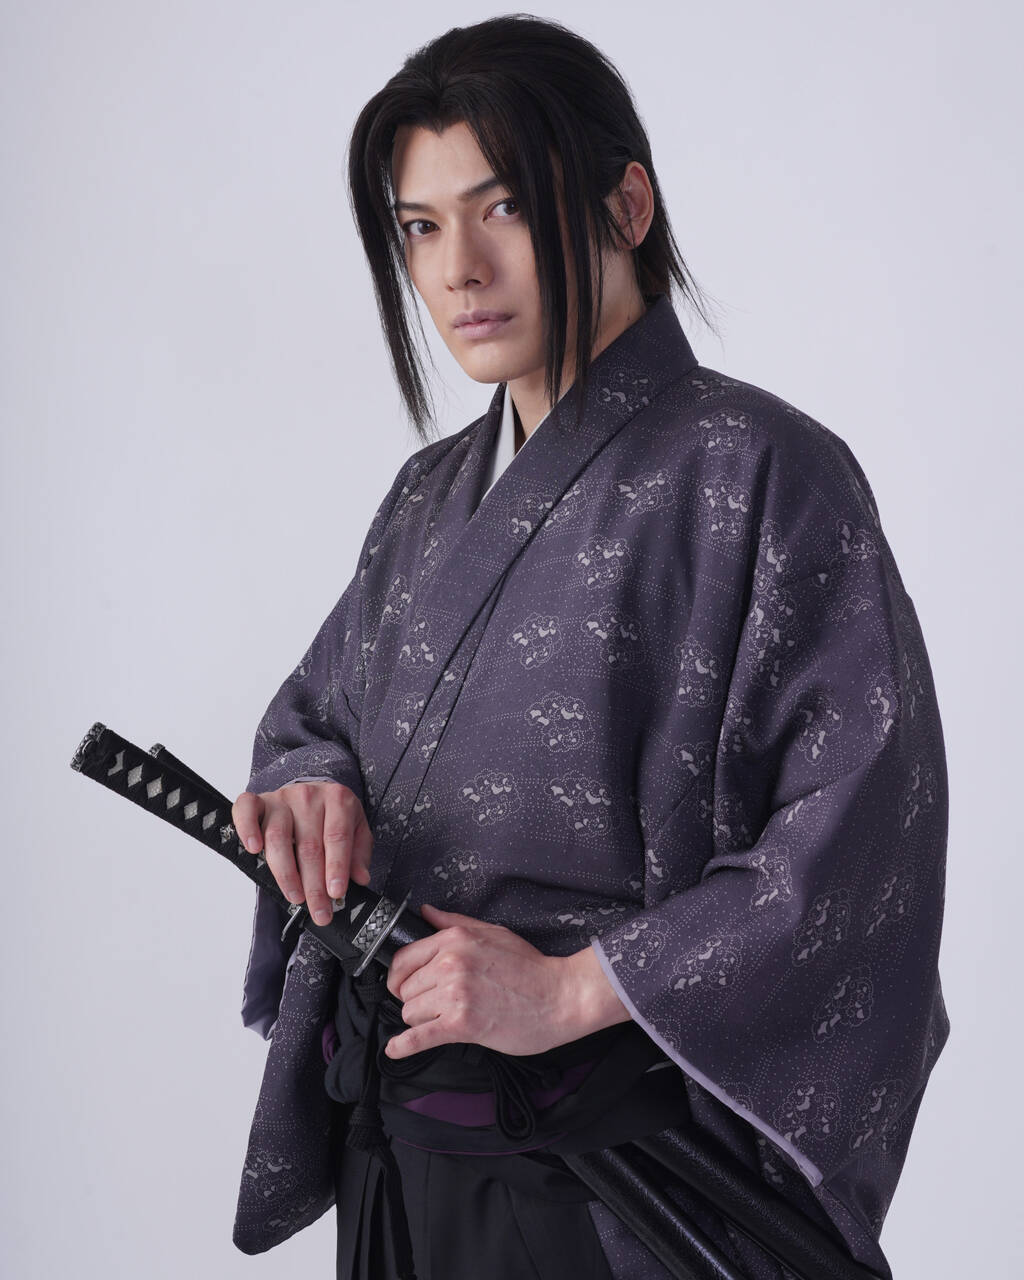 ドラマ『薄桜鬼』土方歳三役に崎山つばさ!WOWOWにて放送・配信決定